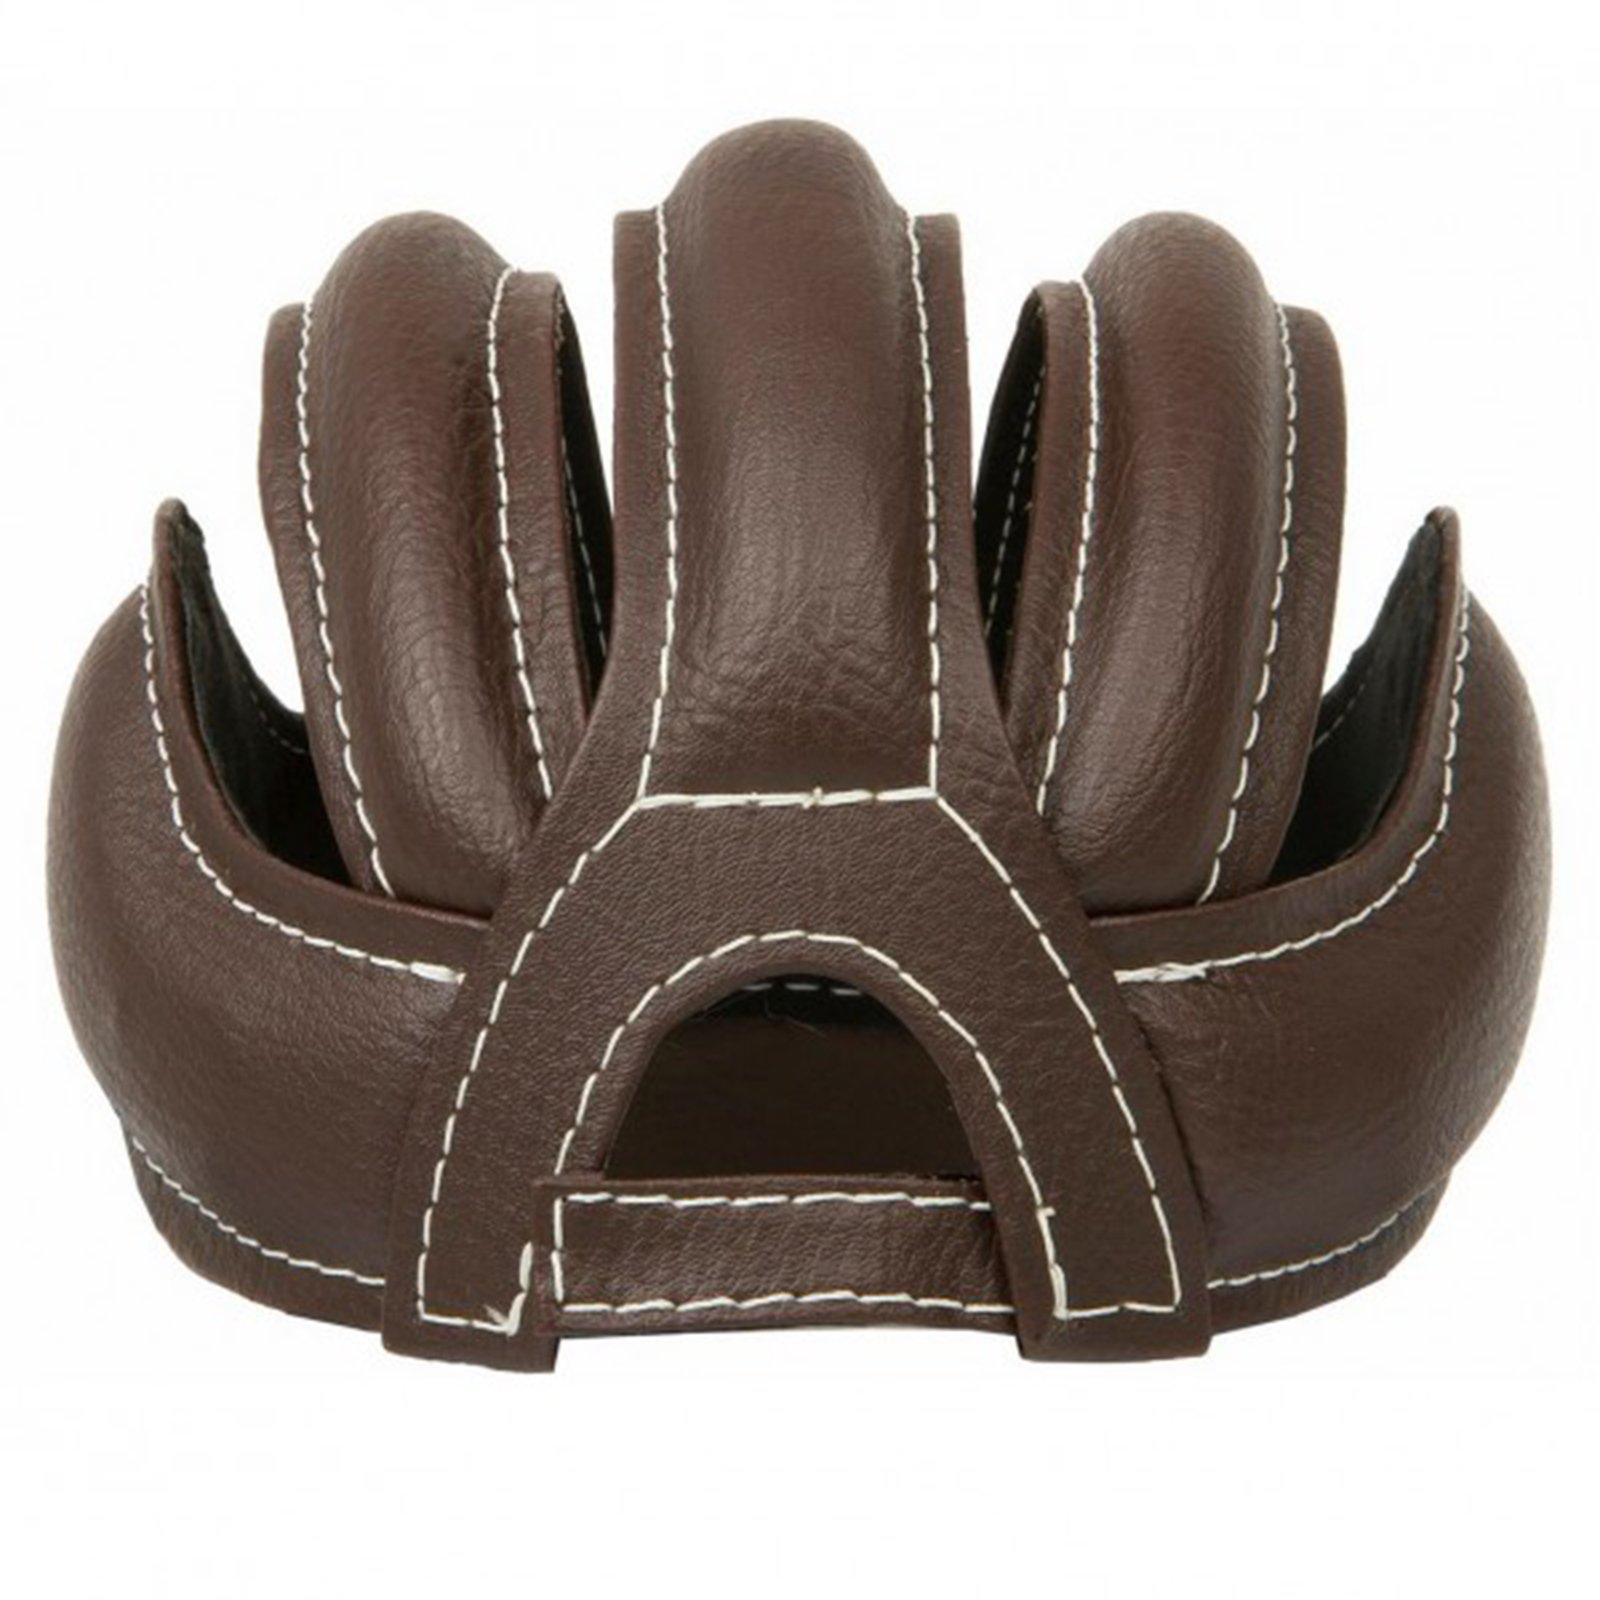 Casque de cyclisme de cuir couleur marron vintage r/étro Taille Standard adulte 3486